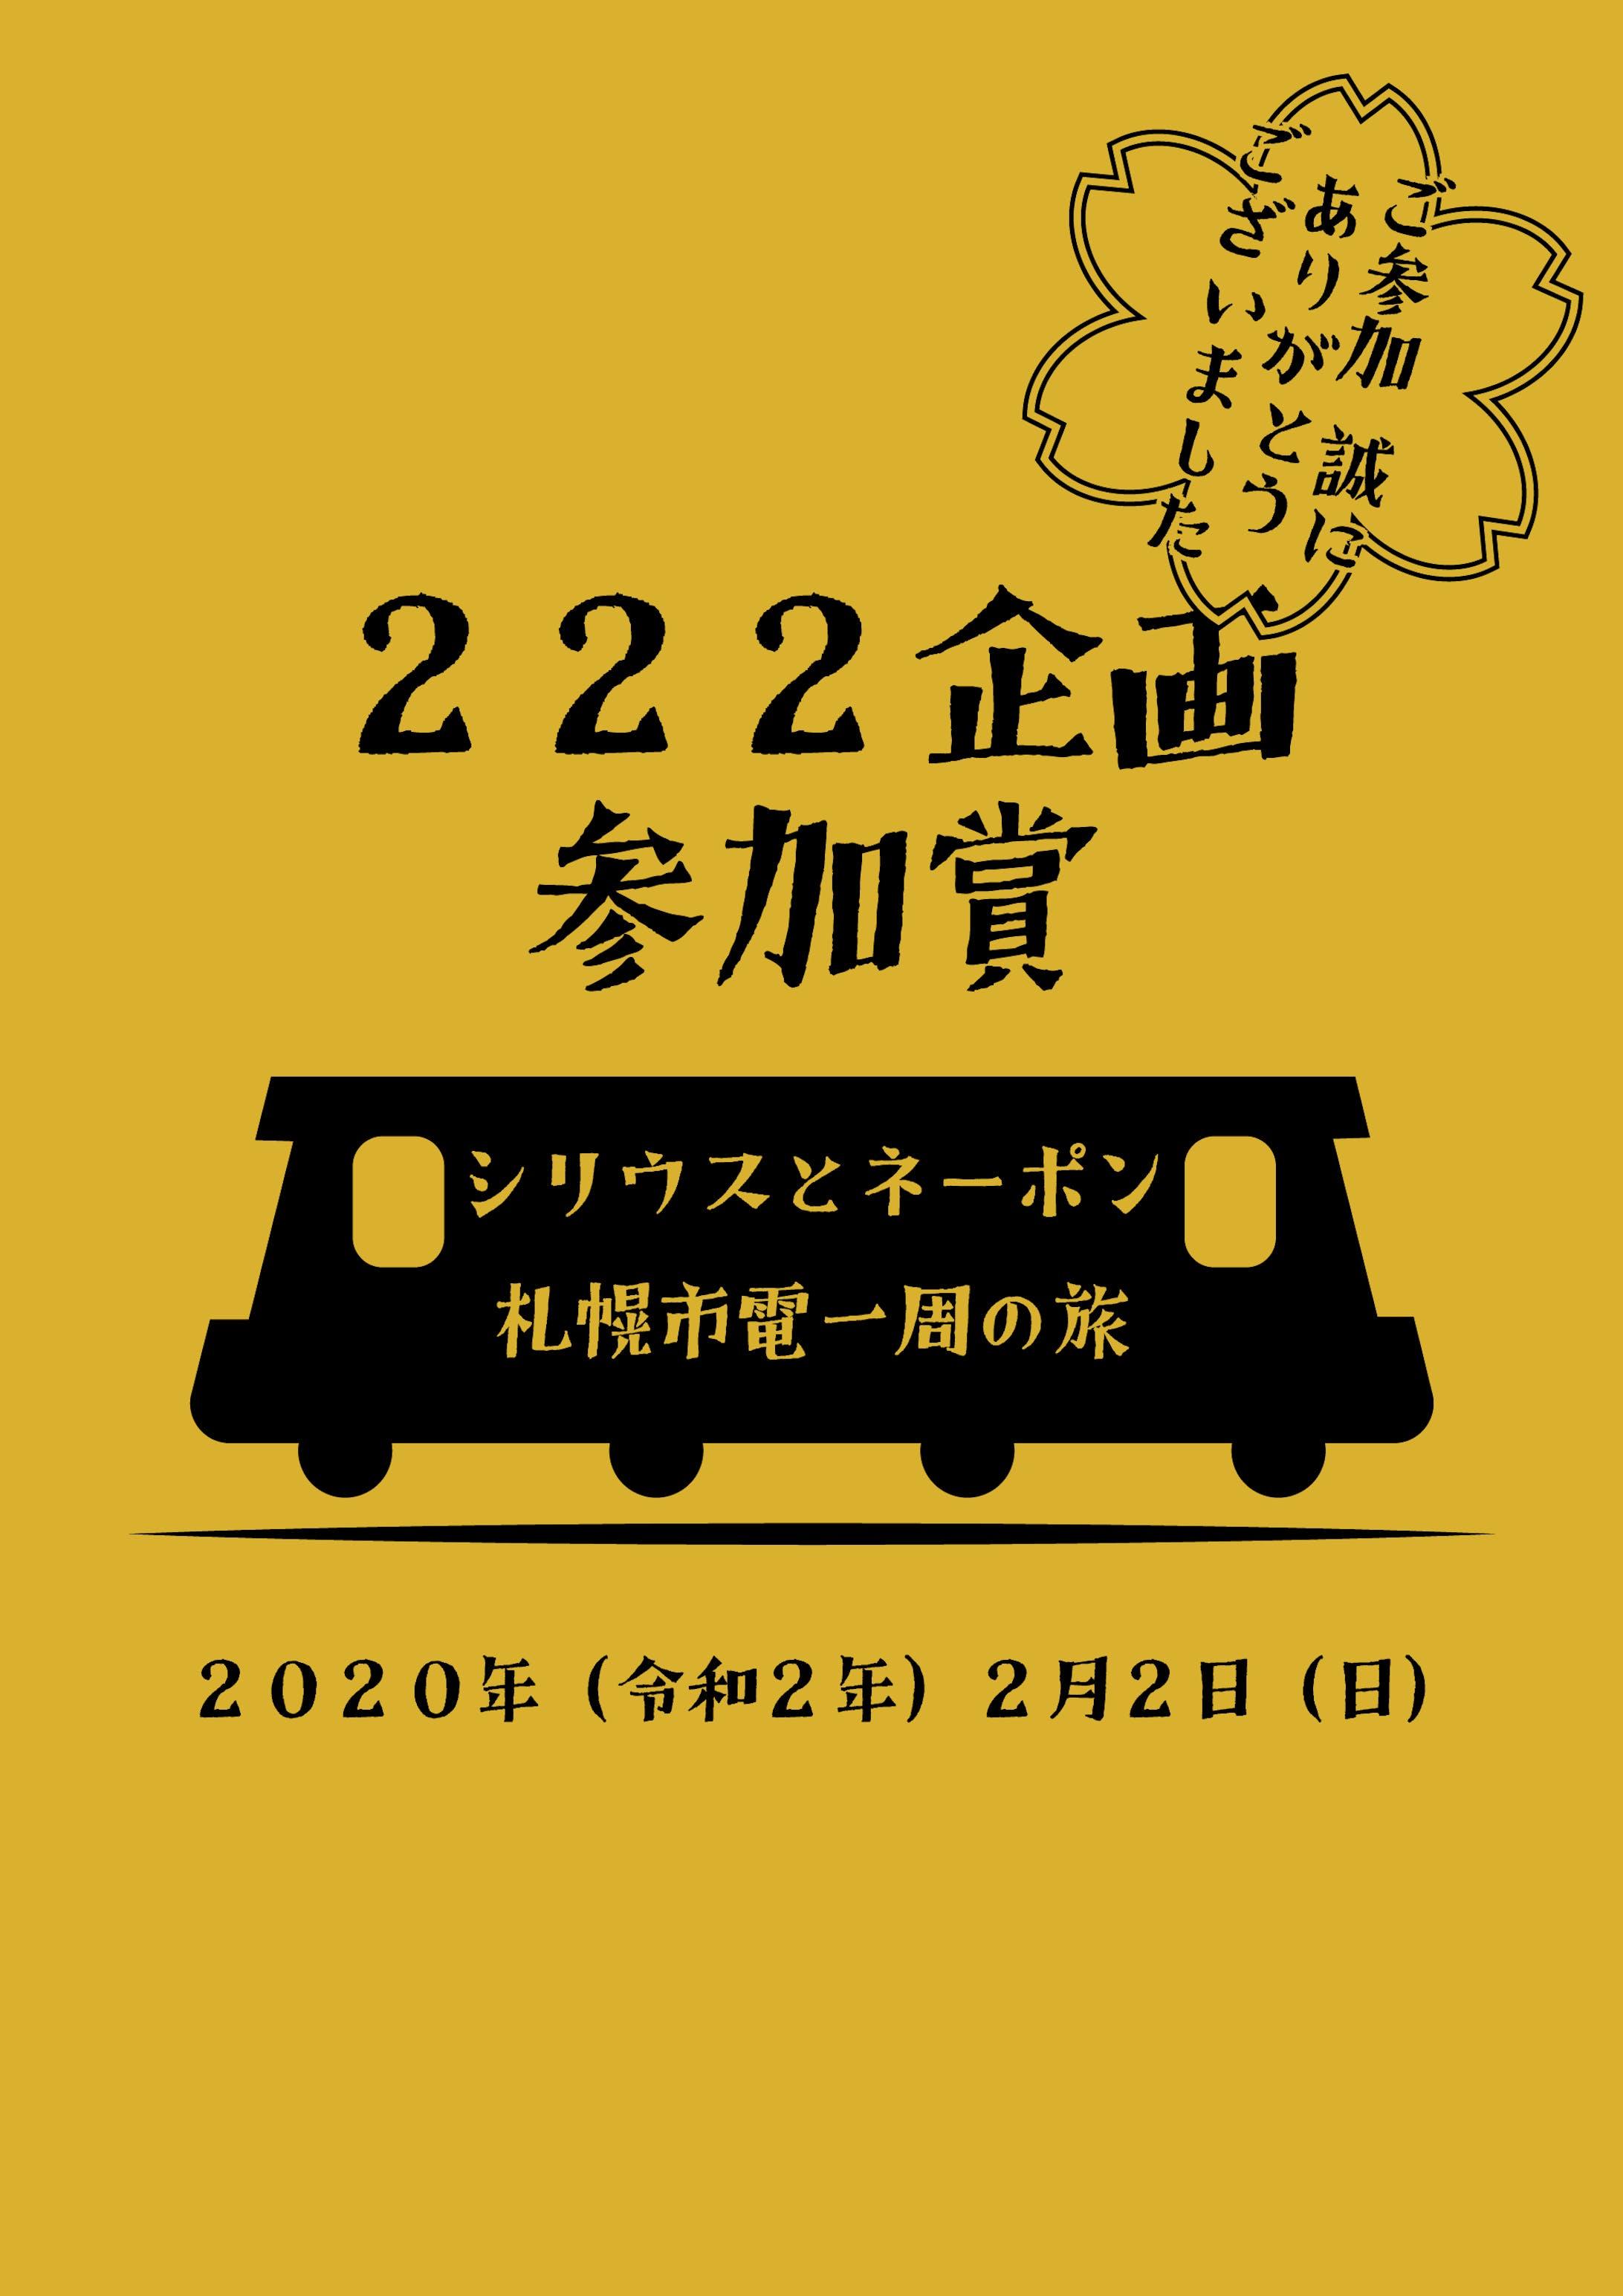 これまでのDTPデザイン-14